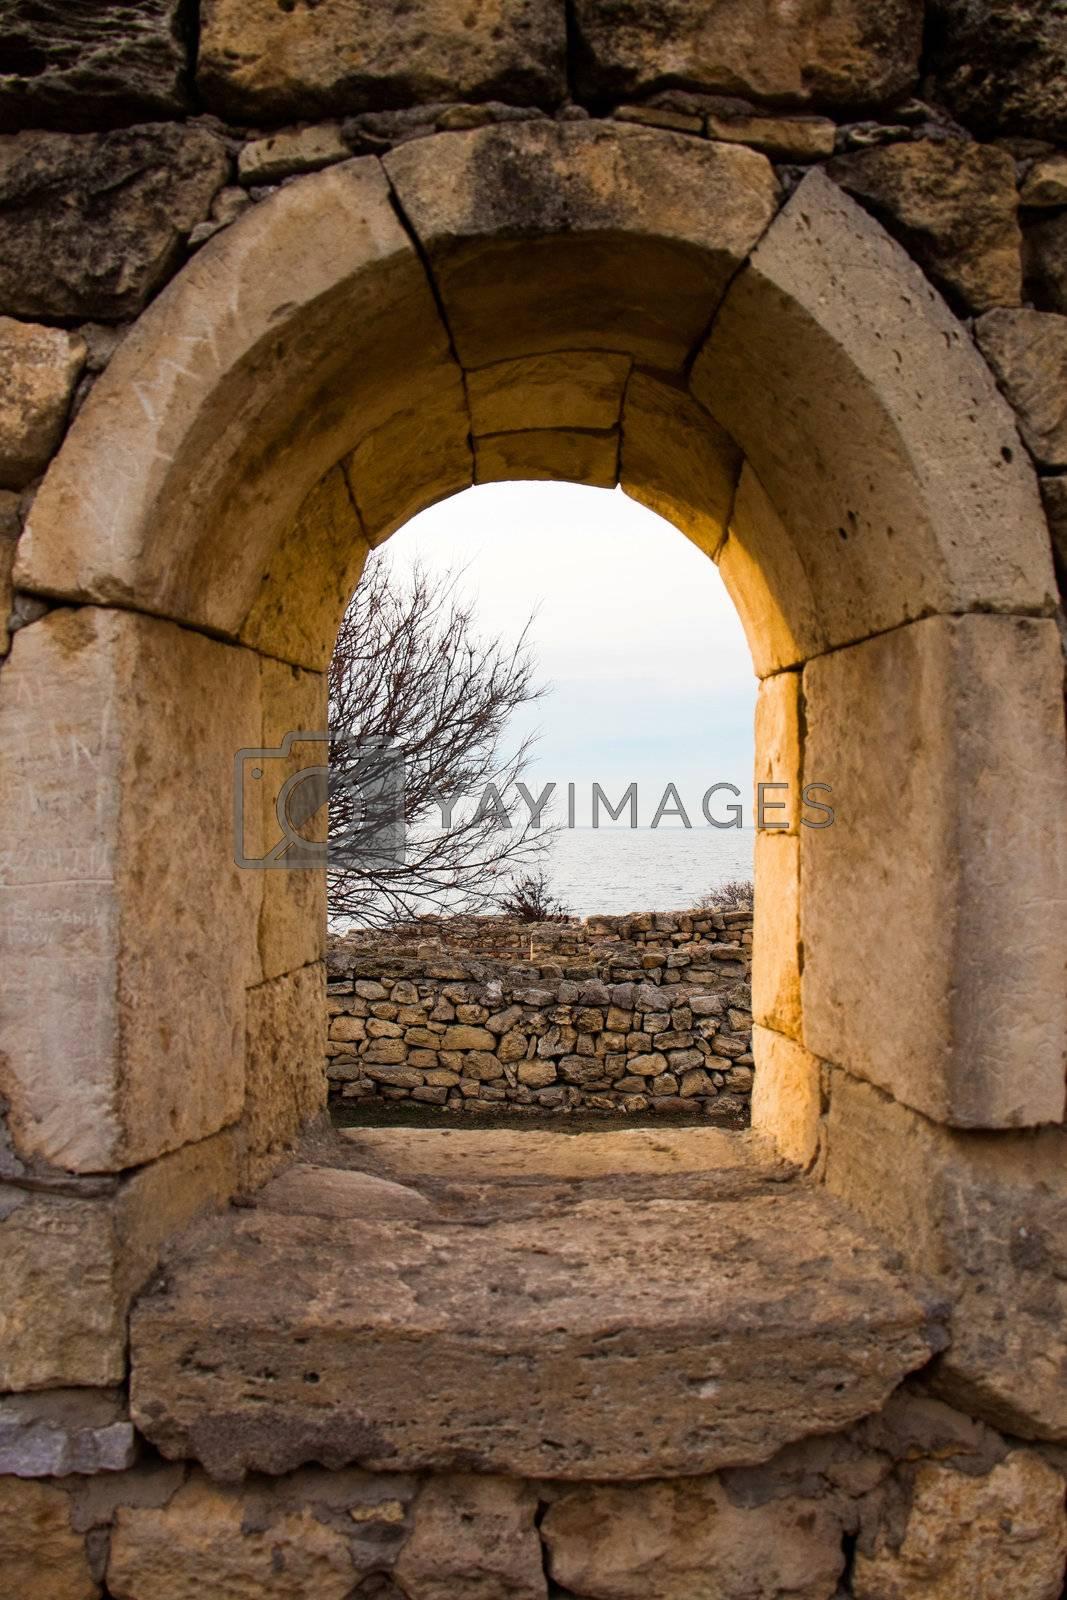 Window in Chersonesos ruins